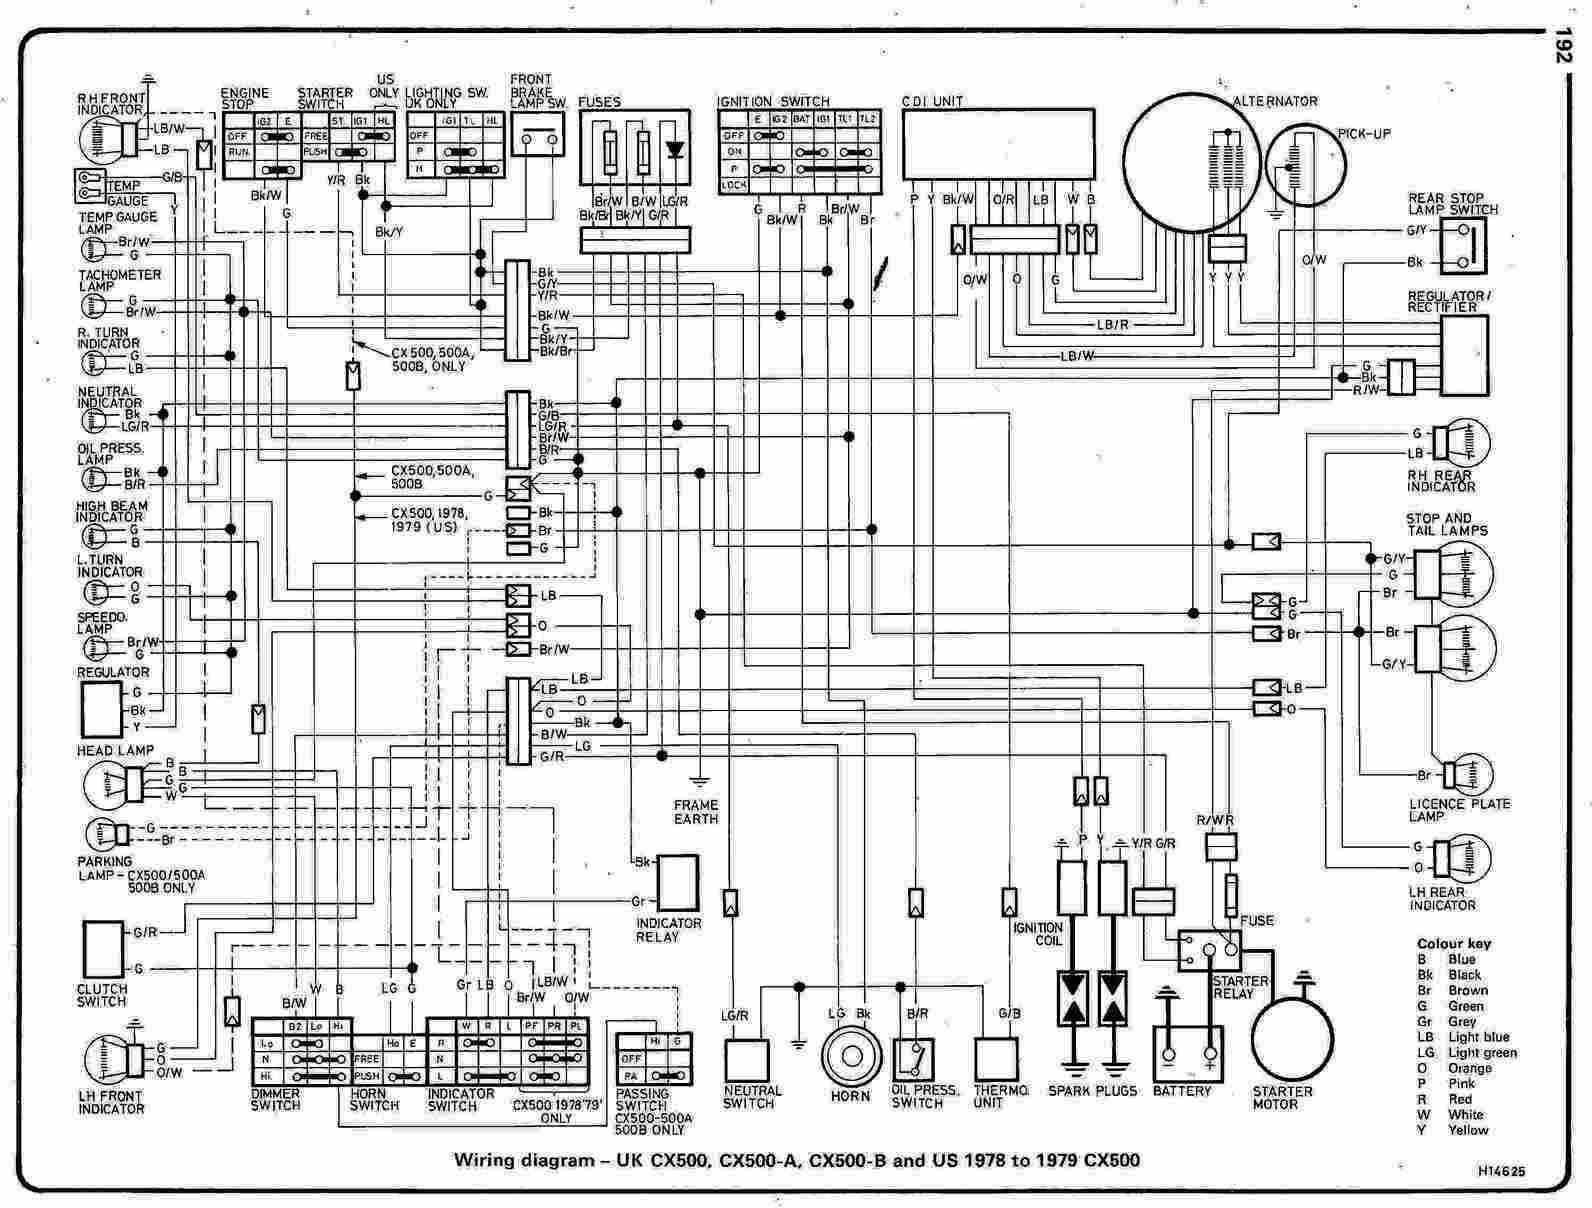 1981 honda cx500 custom wiring diagram wiring diagram review 81 honda goldwing wiring diagram 81 honda wiring diagram [ 1592 x 1208 Pixel ]